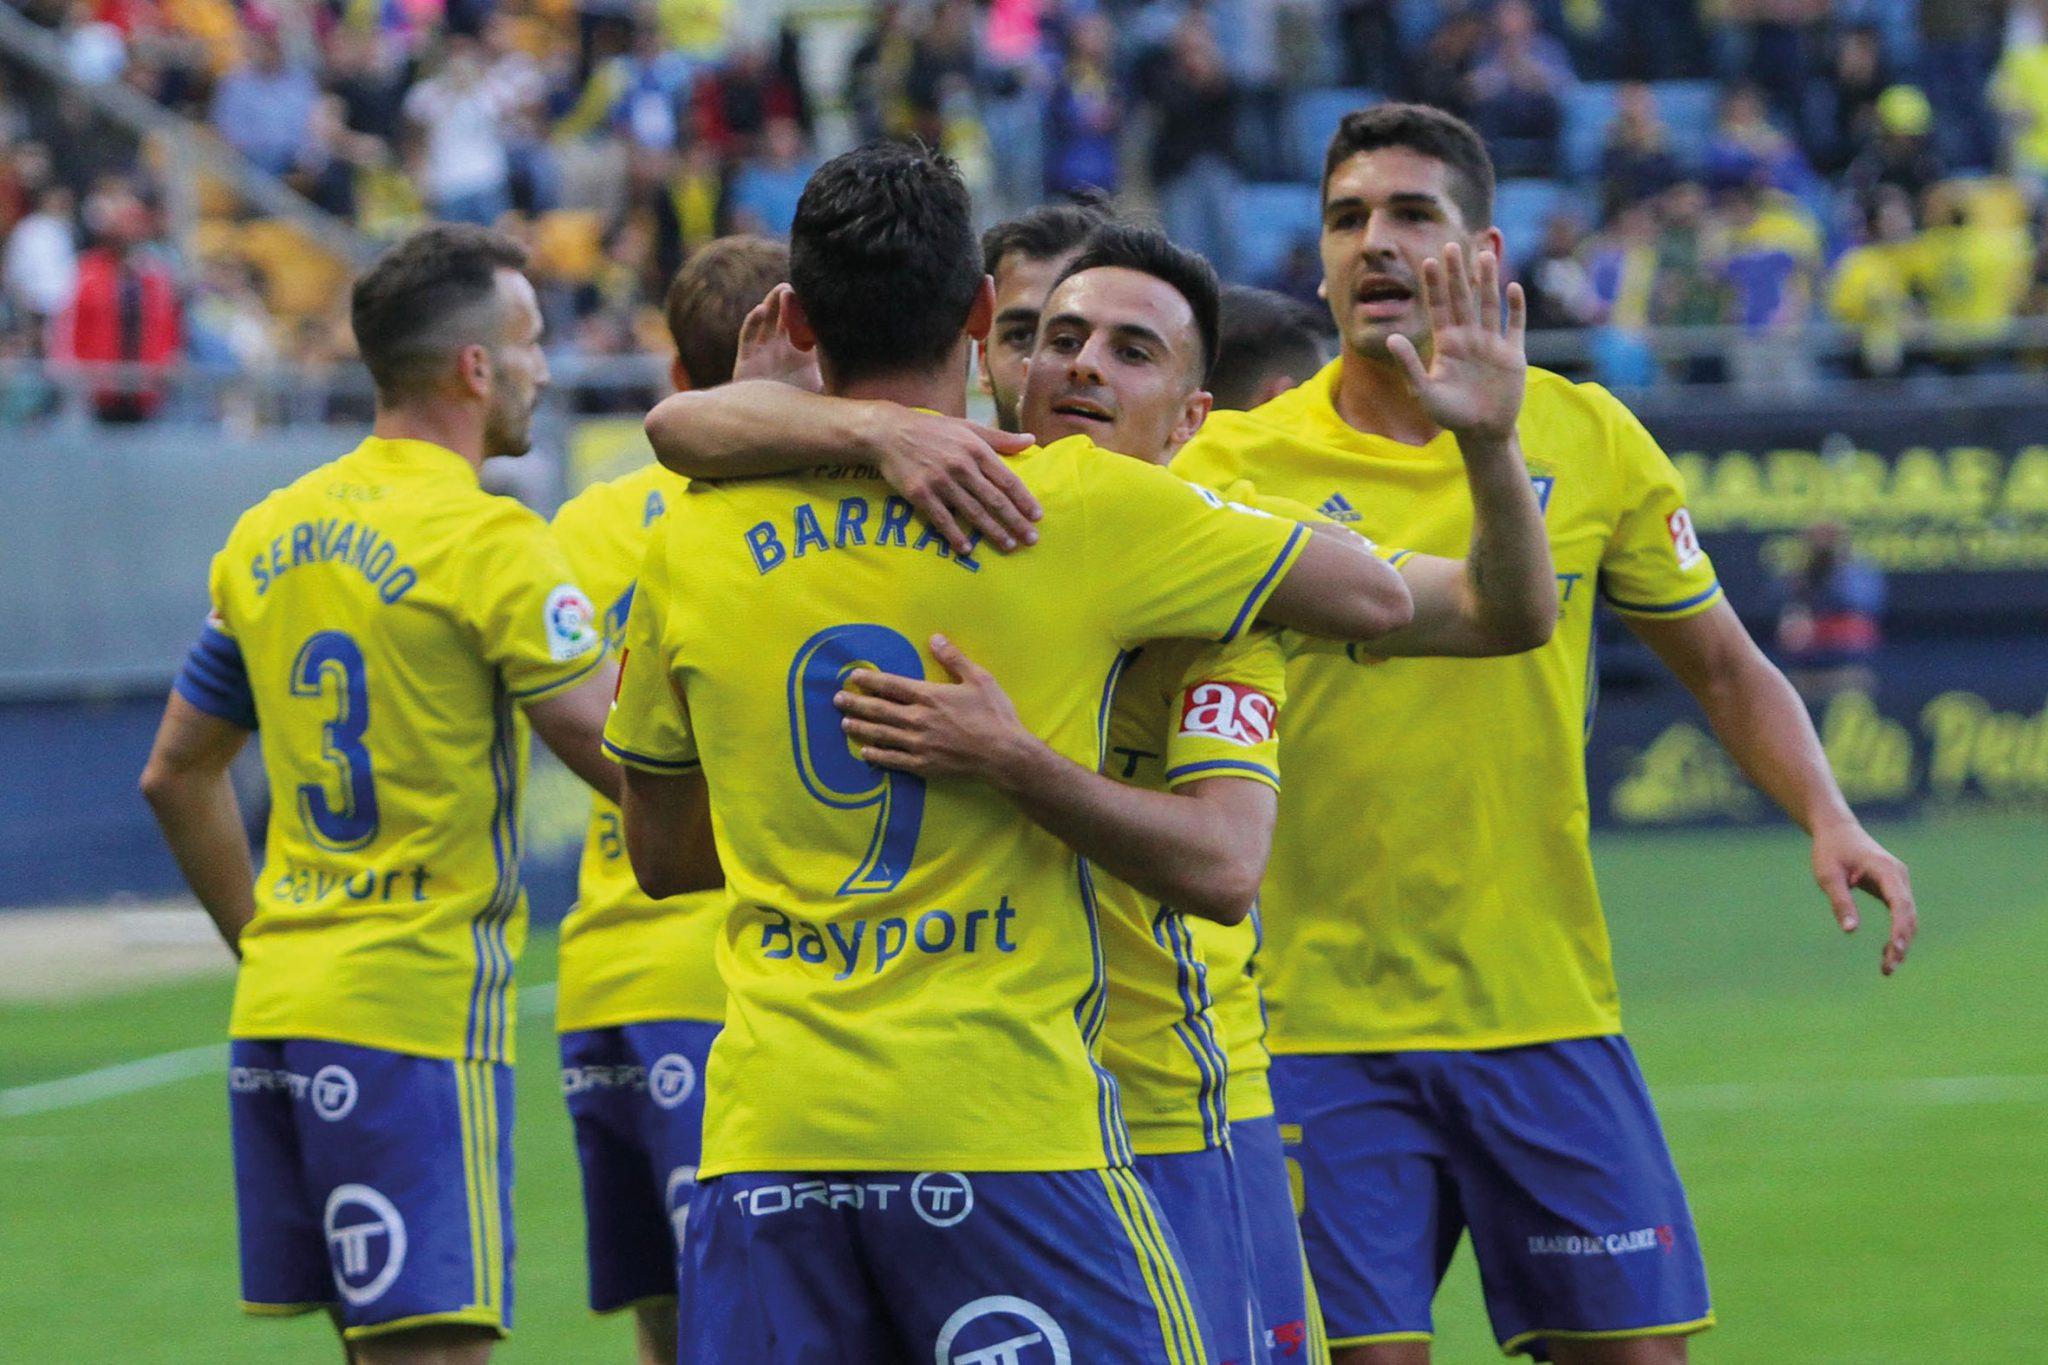 El Cádiz merece jugar el play off, pero tiene que ganar…